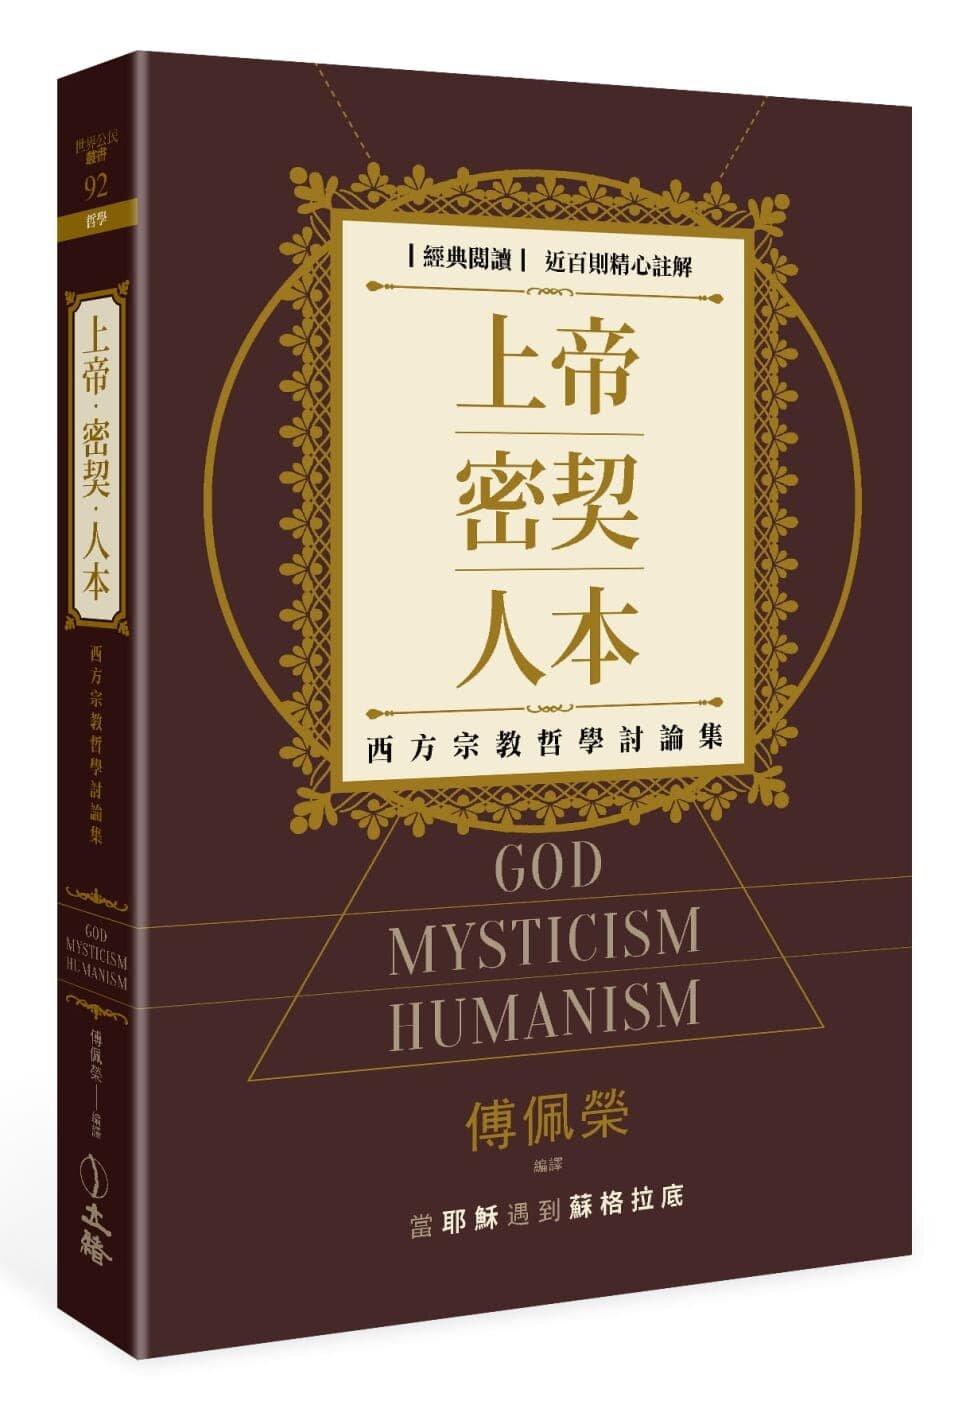 https://journal.yinfor.com/images/god-mysticism-humanism.jpg